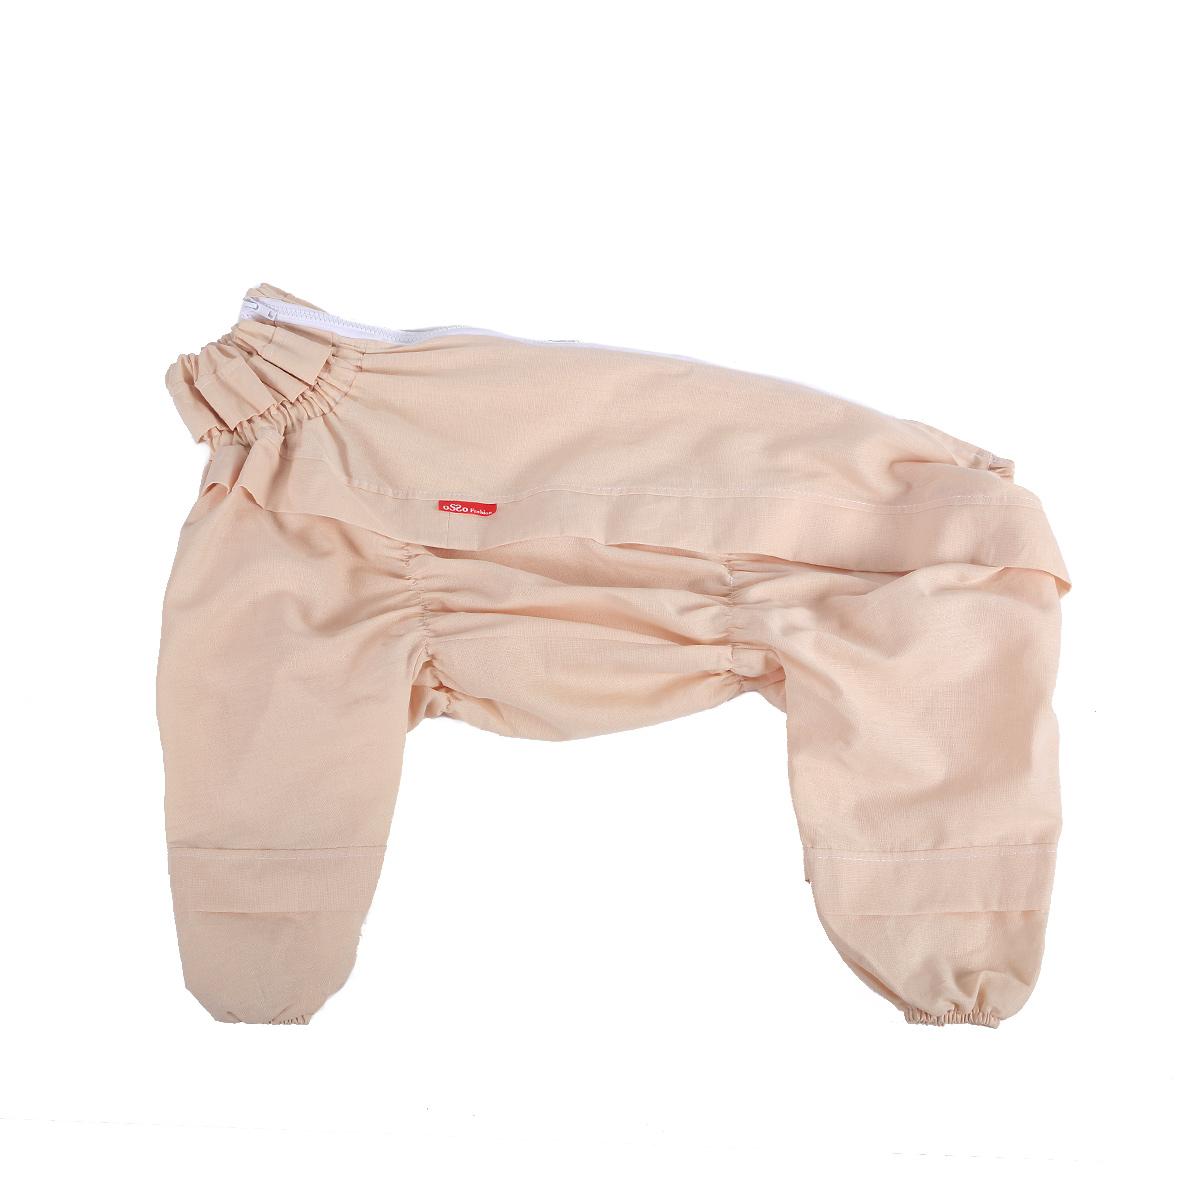 Комбинезон для собак OSSO Fashion, от клещей, для девочки, цвет: бежевый. Размер 35Кк-1023Комбинезон для собак OSSO Fashion изготовлен из 100% хлопка, имеет светлую расцветку, на которой сразу будут заметны кровососущие насекомые. Комбинезон предназначен для защиты собак во время прогулок по парку и лесу. Разработан с учетом особенностей поведения клещей. На комбинезоне имеются складки-ловушки на груди, на штанинах, на боках комбинезона и на шее, которые преграждают движение насекомого вверх. Комбинезон очень легкий и удобный. Низ штанин на резинке, на спине застегивается на молнию.Длина спинки: 35 см. Объем груди: 46-56 см.Одежда для собак: нужна ли она и как её выбрать. Статья OZON Гид